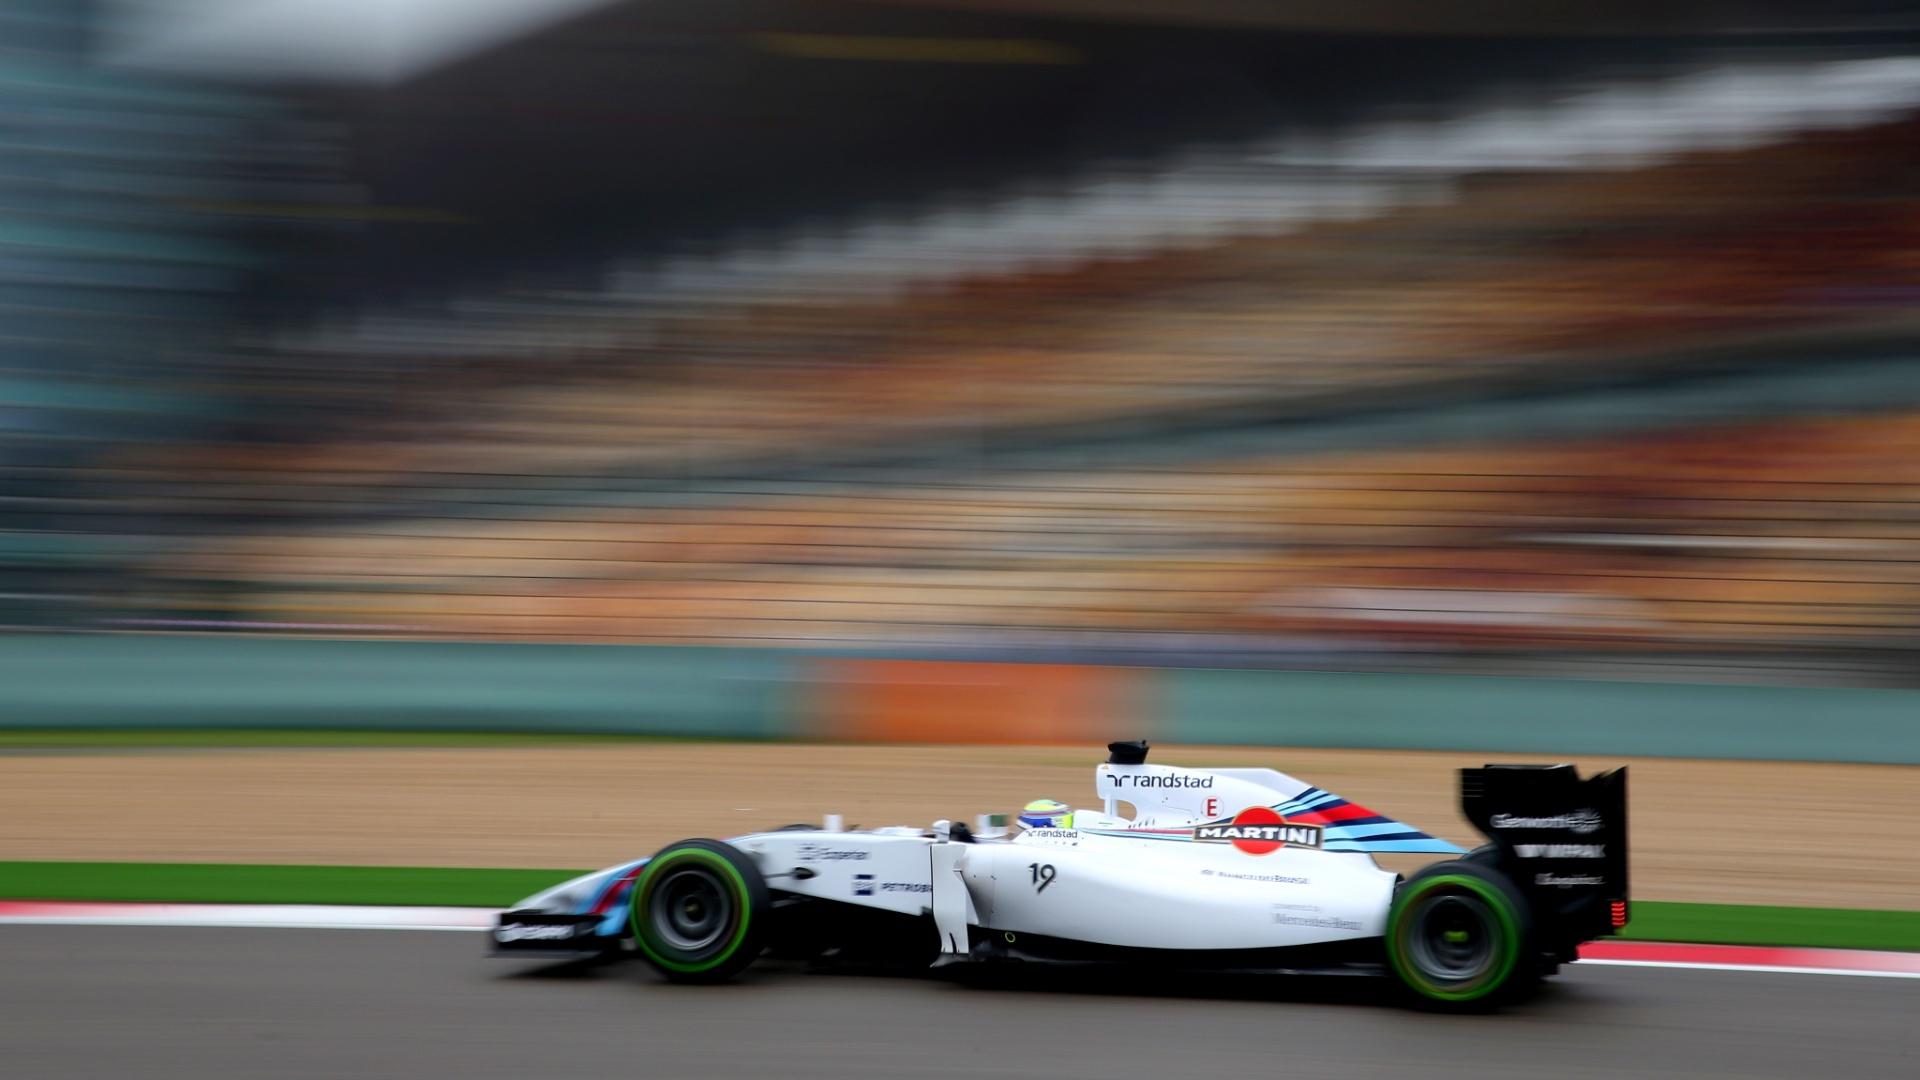 19.abr.2014 - Mesmo com chuva, Massa conseguiu ir no último treino livre e marcou o segundo melhor tempo